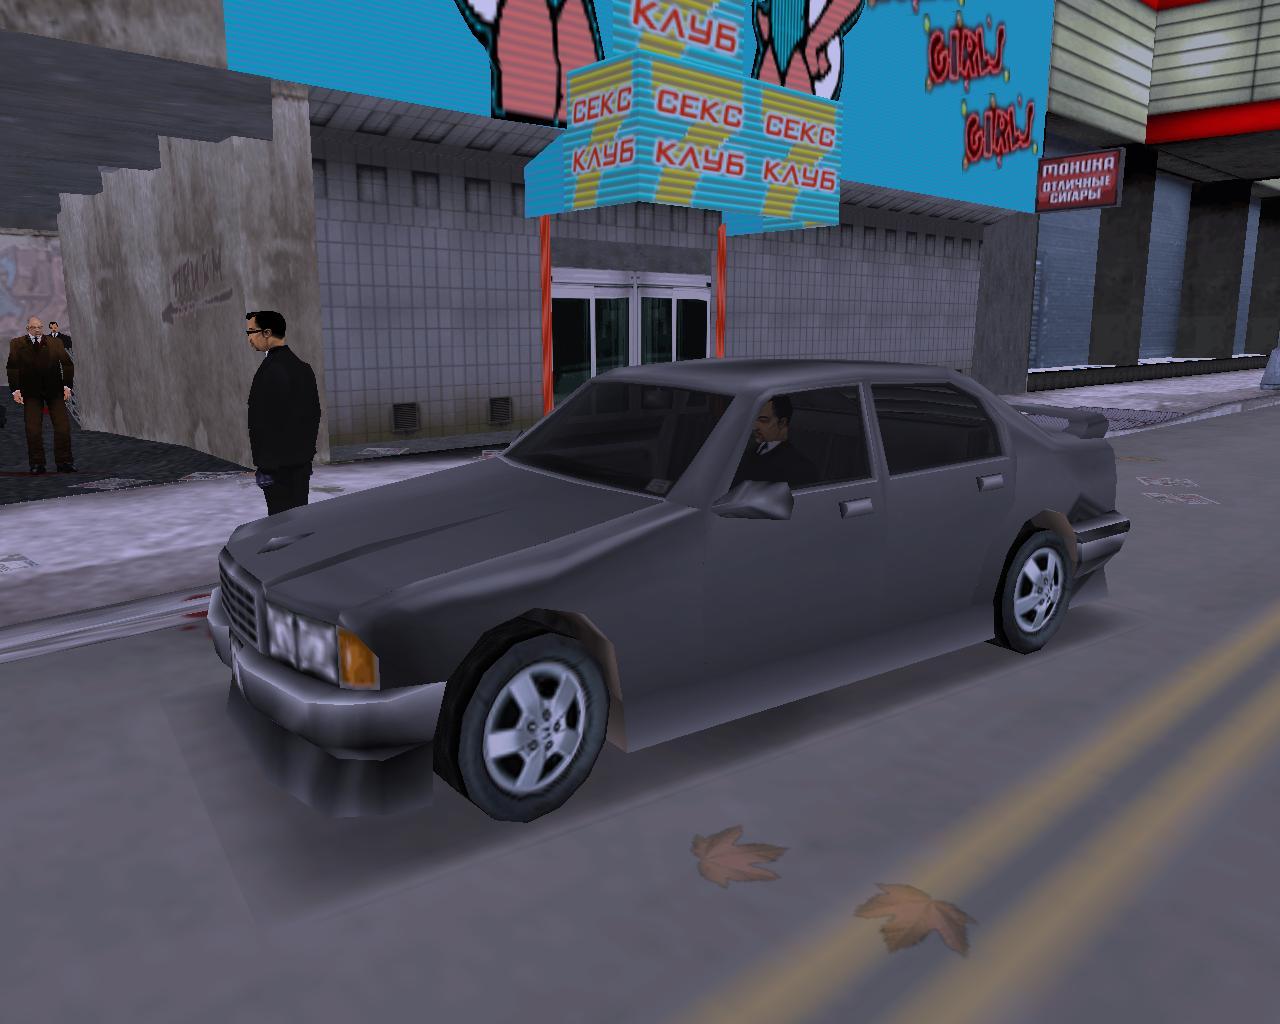 10. Mafia Sentinel (OFI) - Grand Theft Auto 3